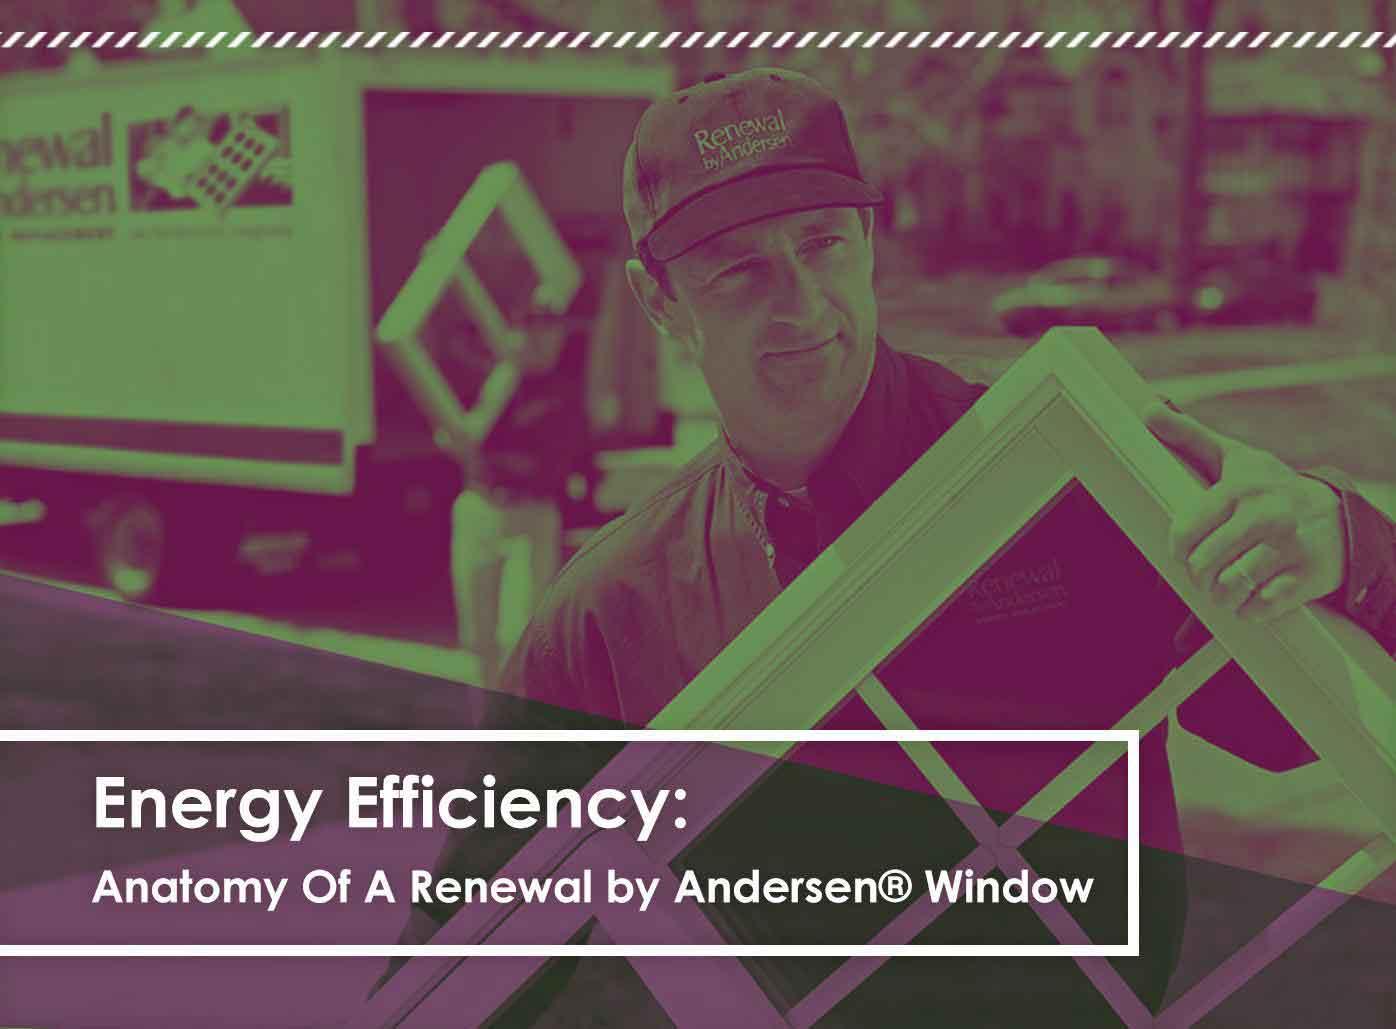 Energy Efficiency: Anatomy of a Renewal by Andersen® Window